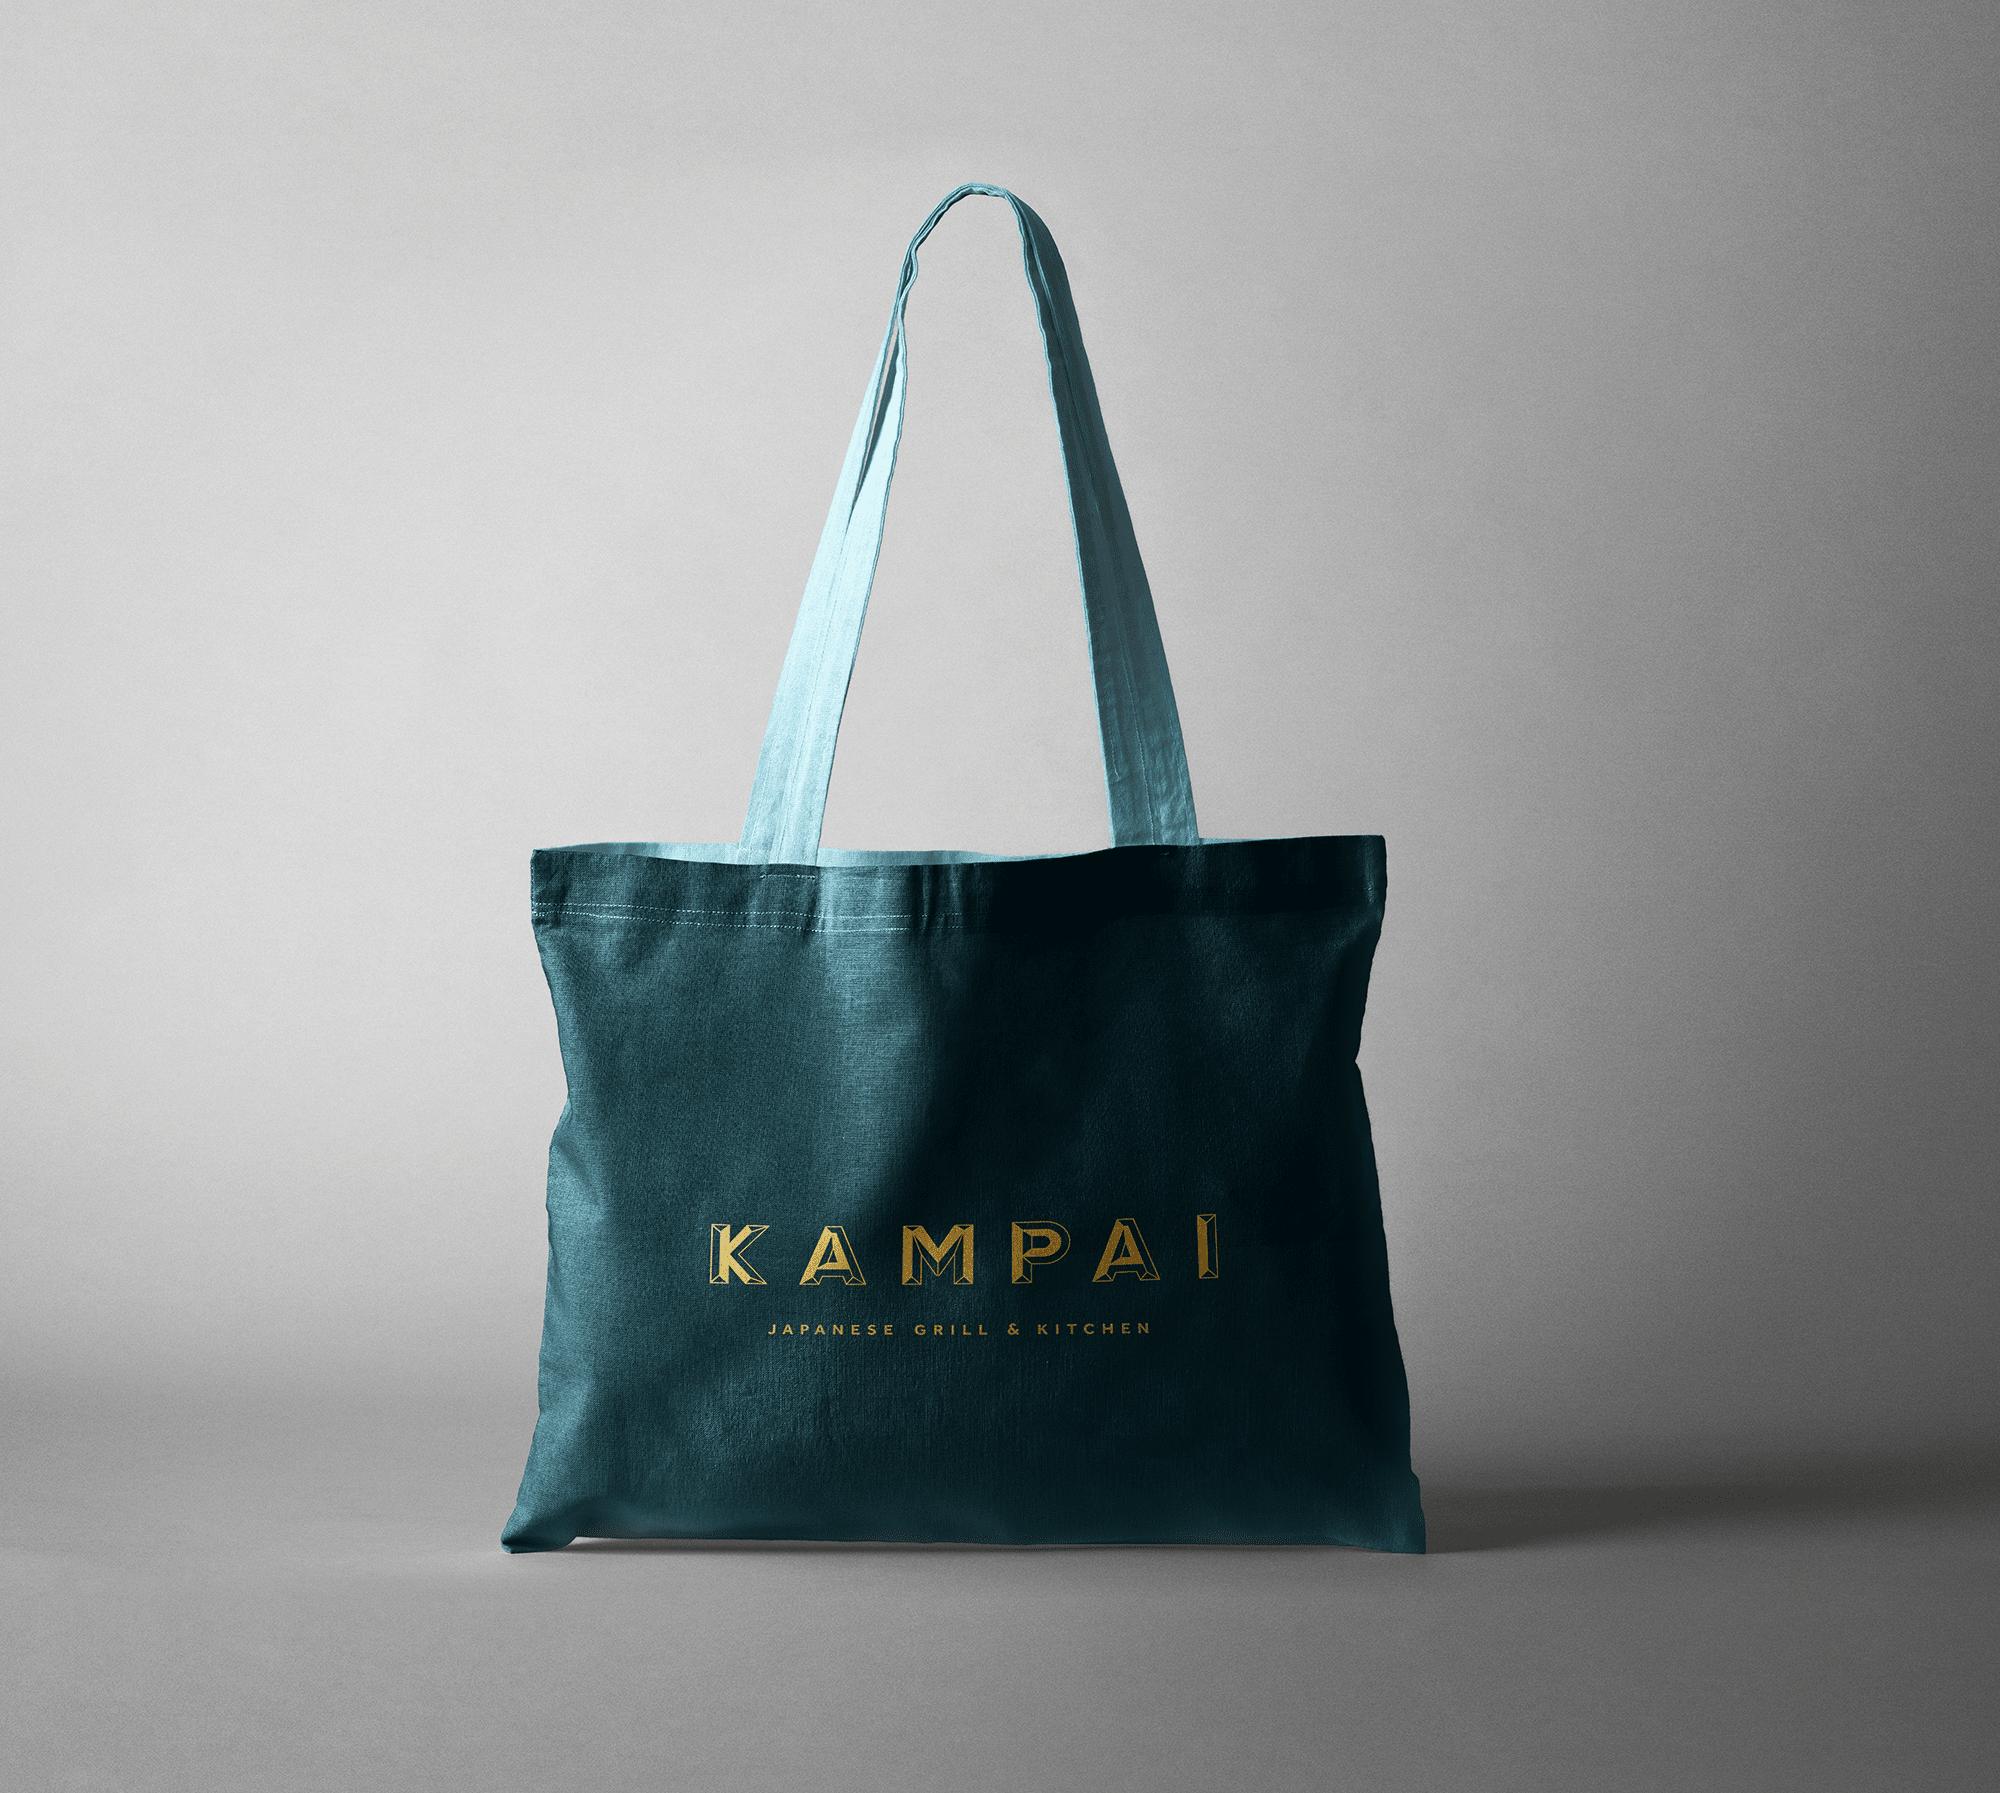 Tote-Bag-foil-Kampai-yoenpaperland